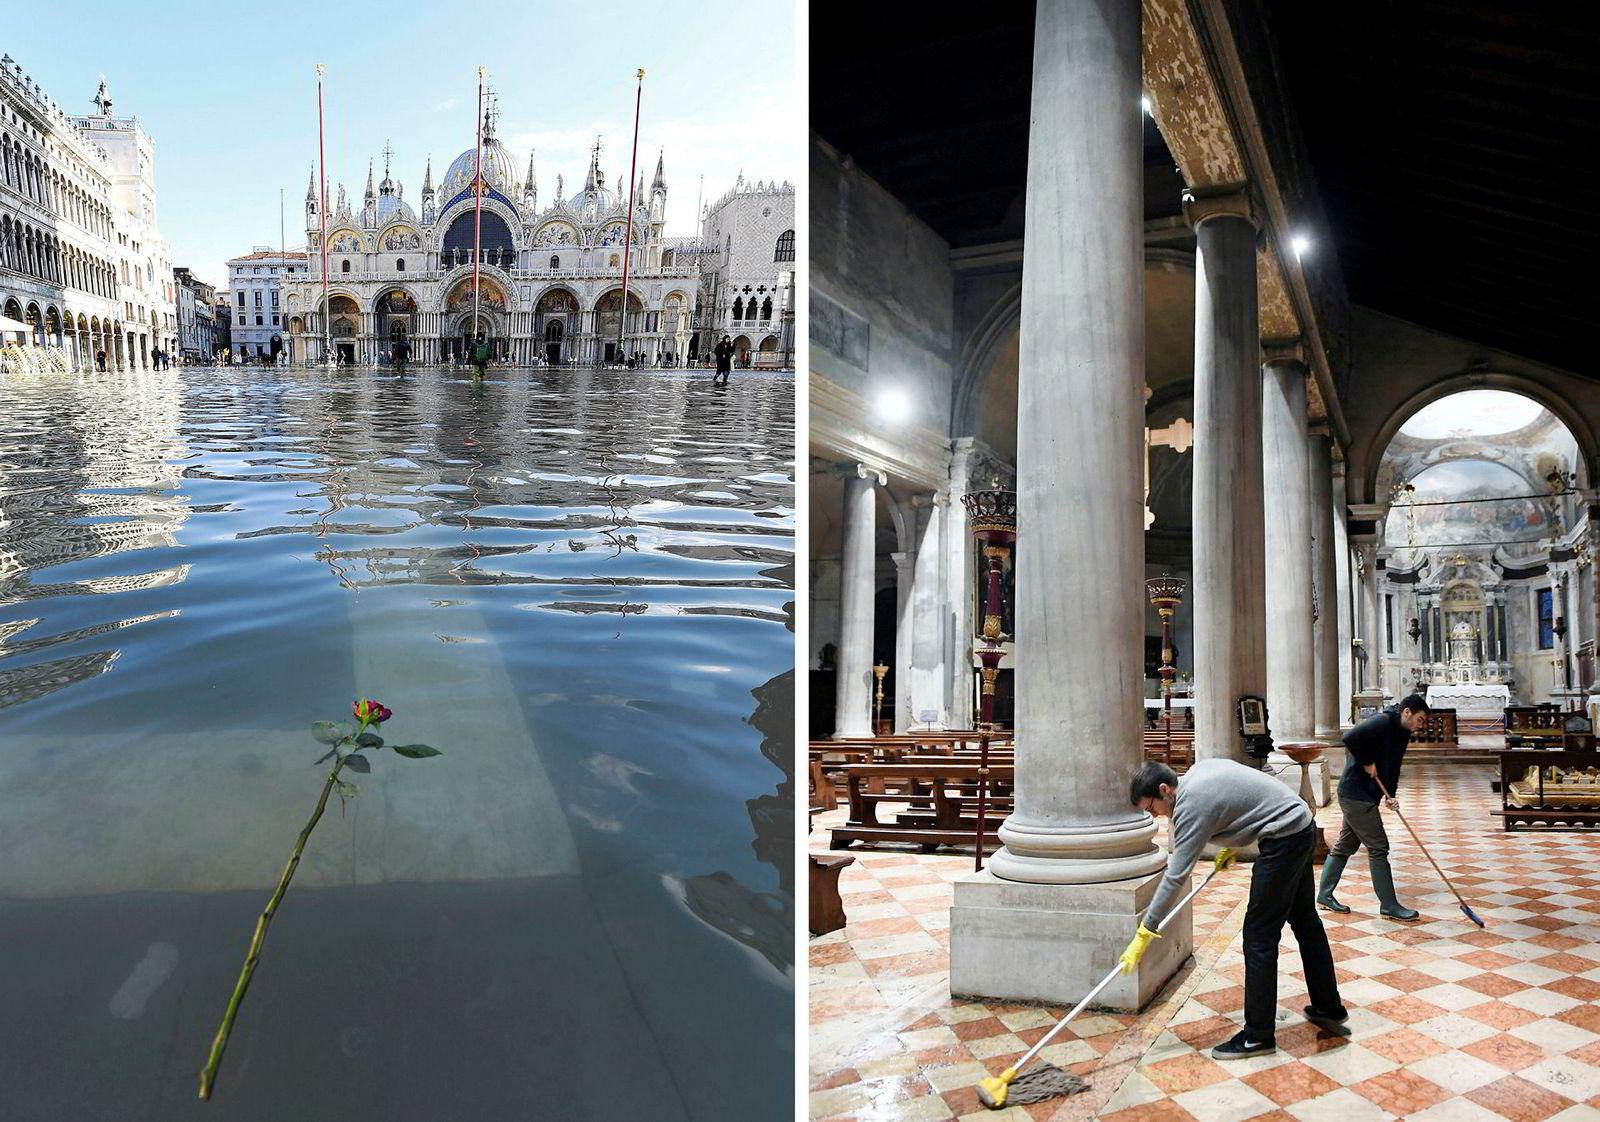 En rose flyter i vannet ved den oversvømte Markusplassen. Inne bygningene tørkes det gulv.